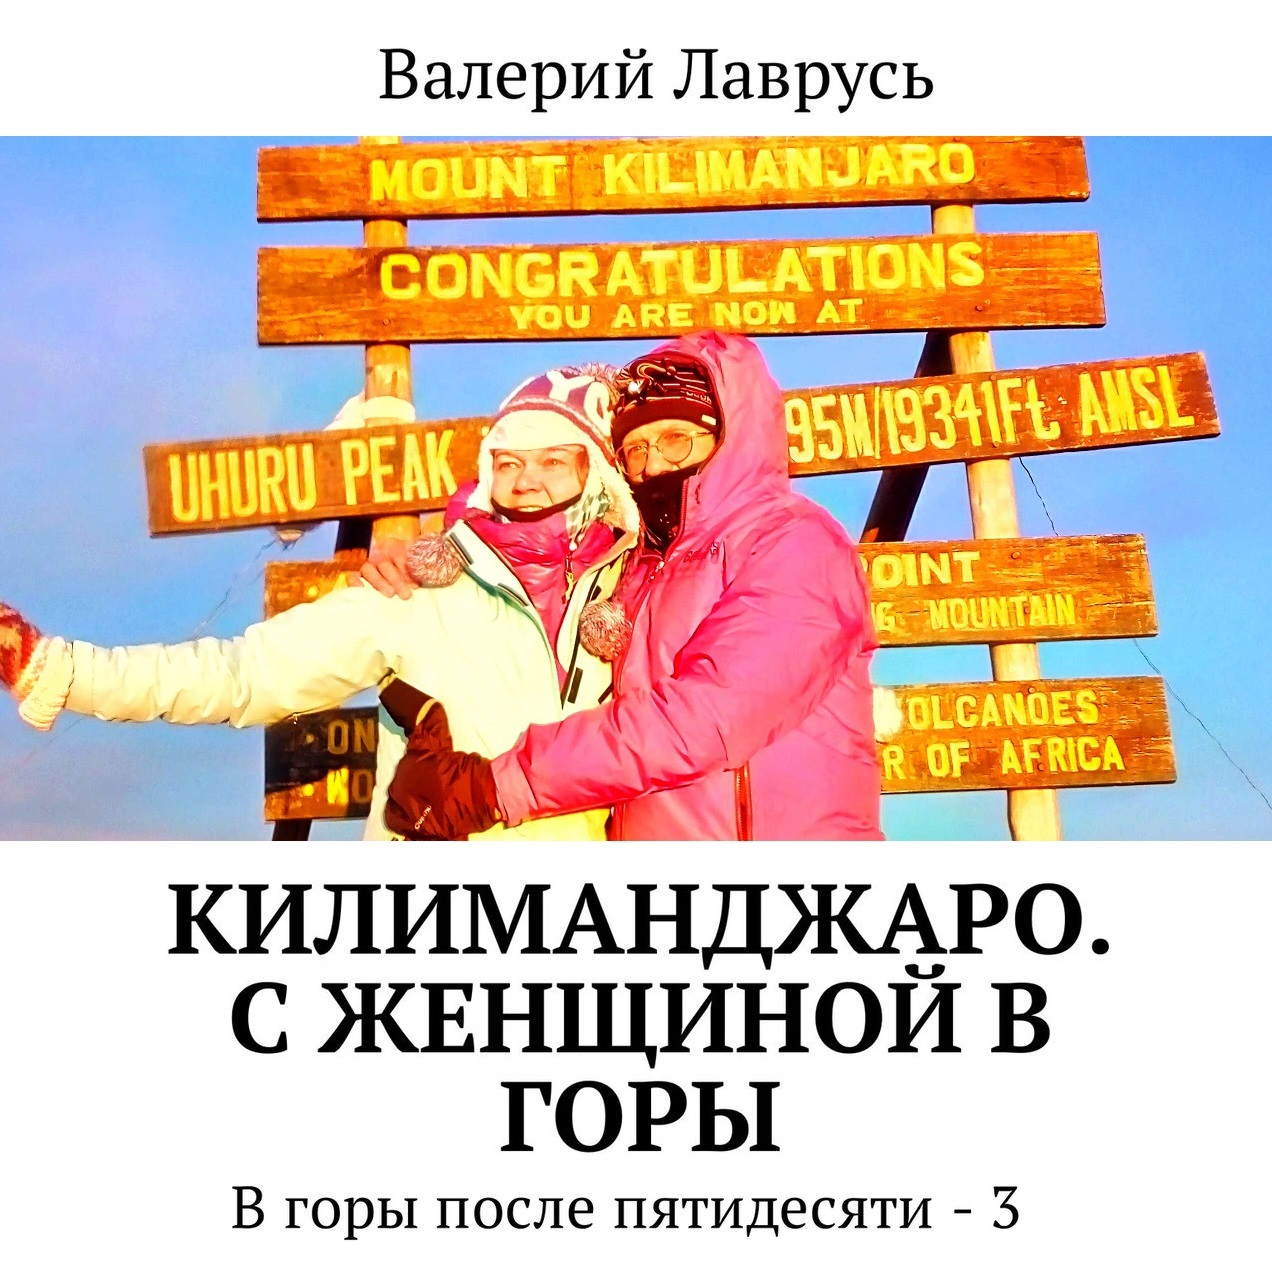 Валерий Лаврусь Килиманджаро. С женщиной в горы. В горы после пятидесяти – 3 килиманджаро с женщиной в горы в горы после пятидесяти – 3